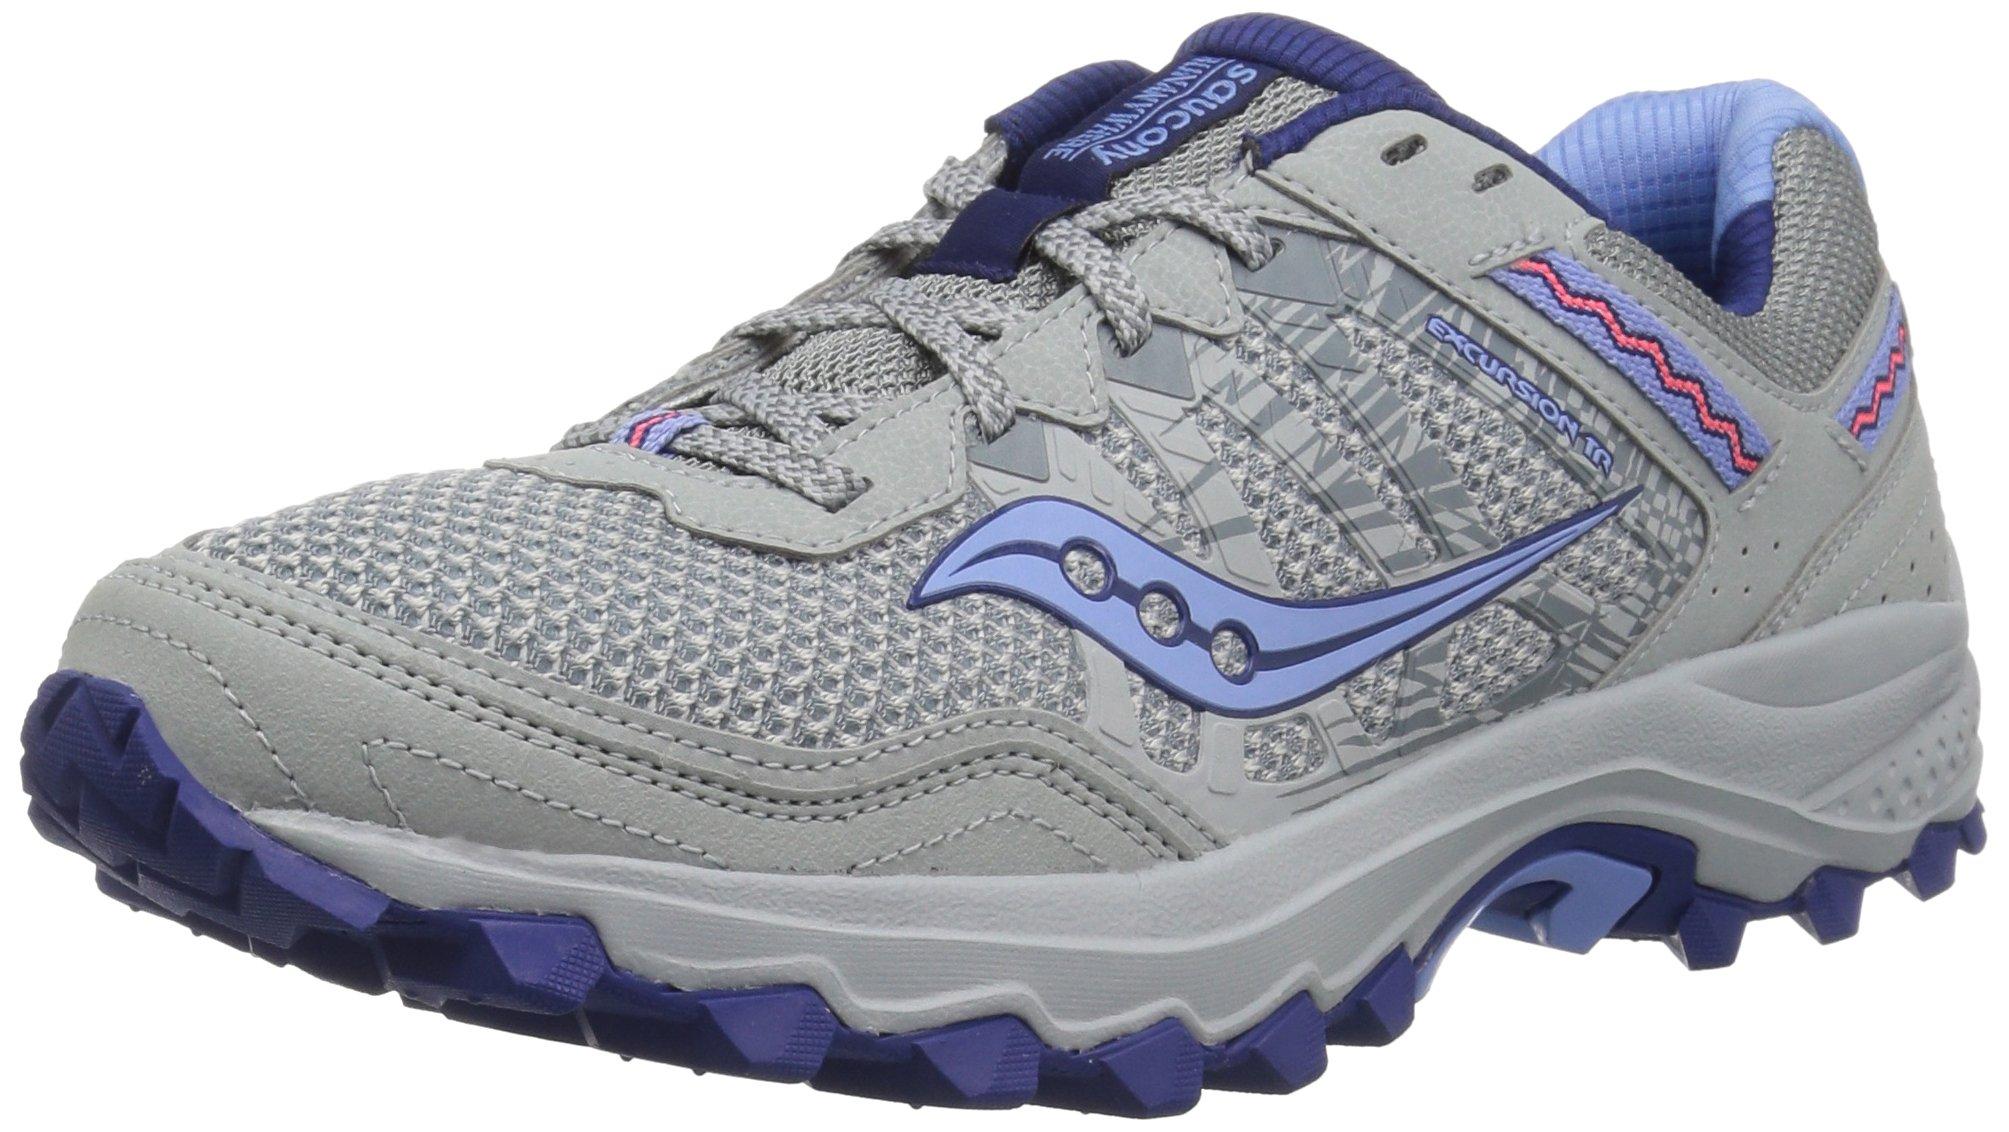 Saucony Women's Excursion TR12 Sneaker, Grey/Blue, 5 M US